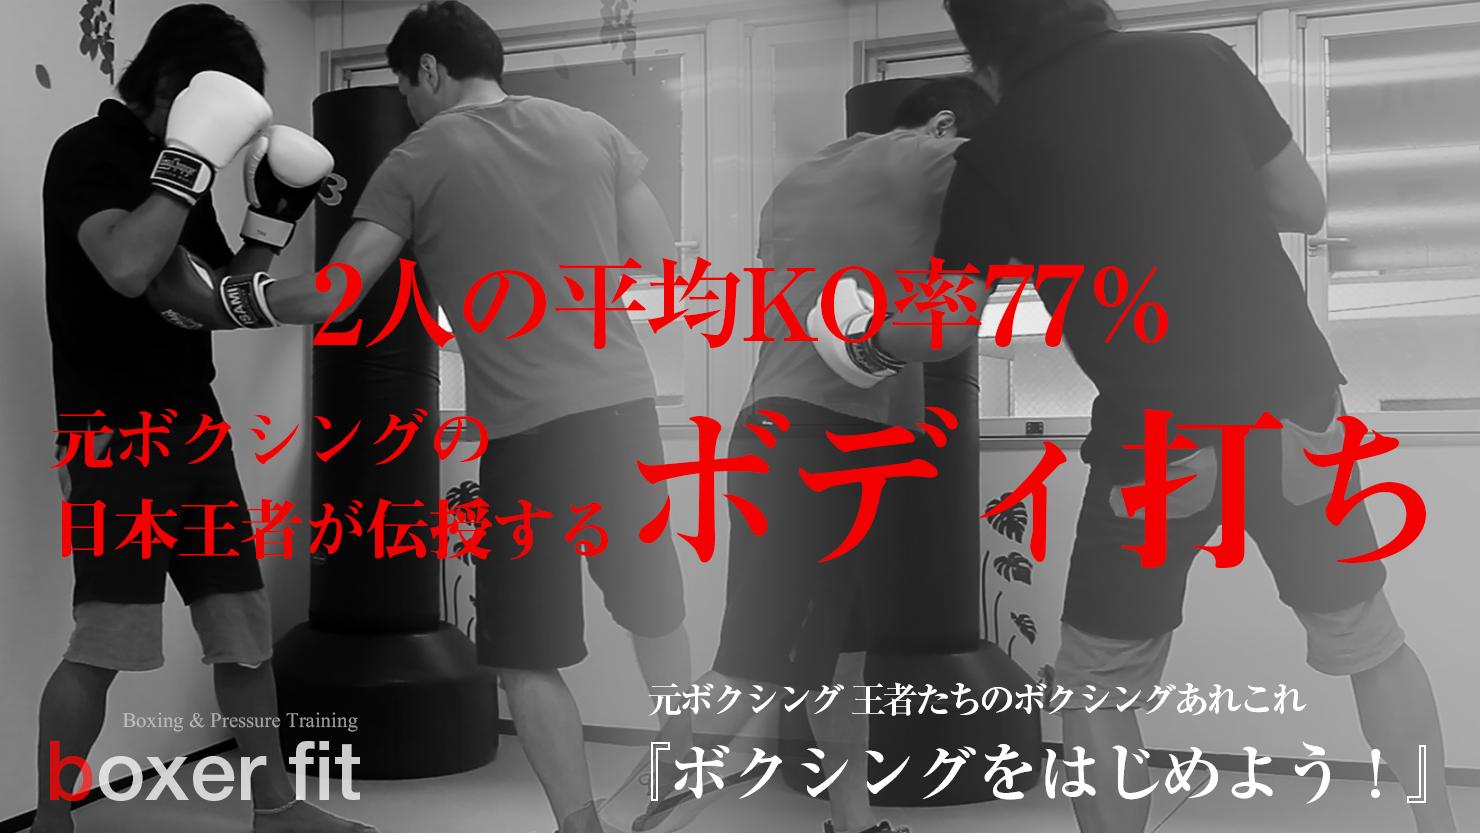 元ボクシング日本王者が伝授する3種類のボディ打ち(元世界S・フェザー級王者の内山高志さんのボディ打ちも解説!)